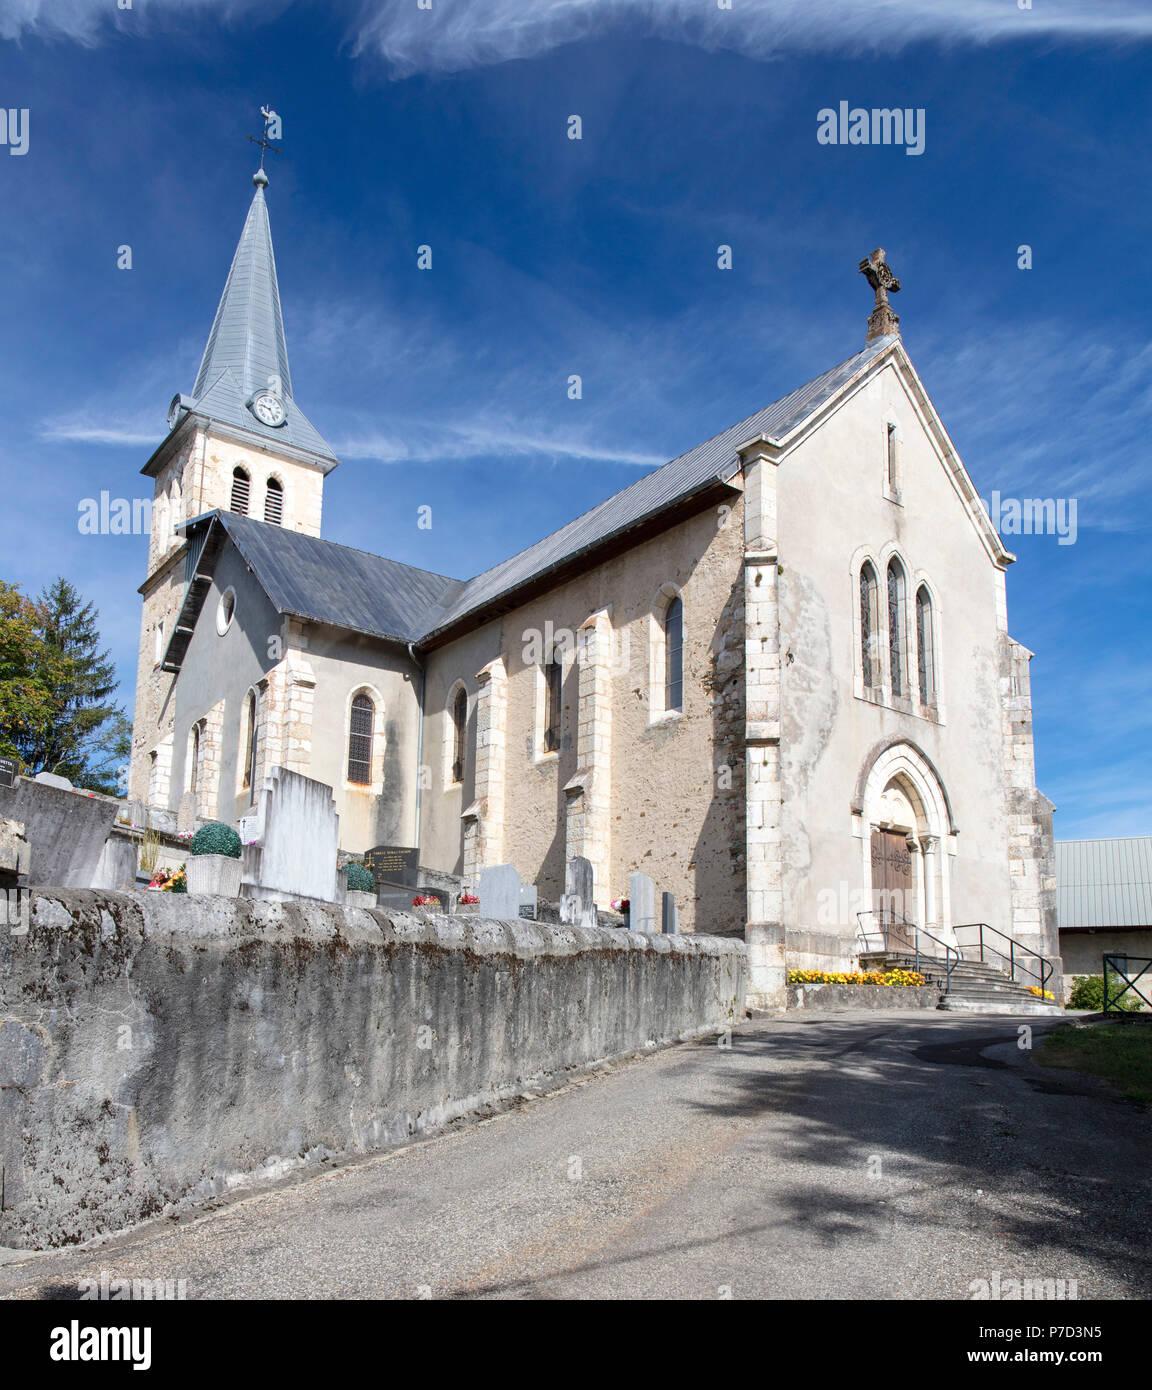 Church of St. Michel of Les Déserts, Haute-Savoie, France - Stock Image